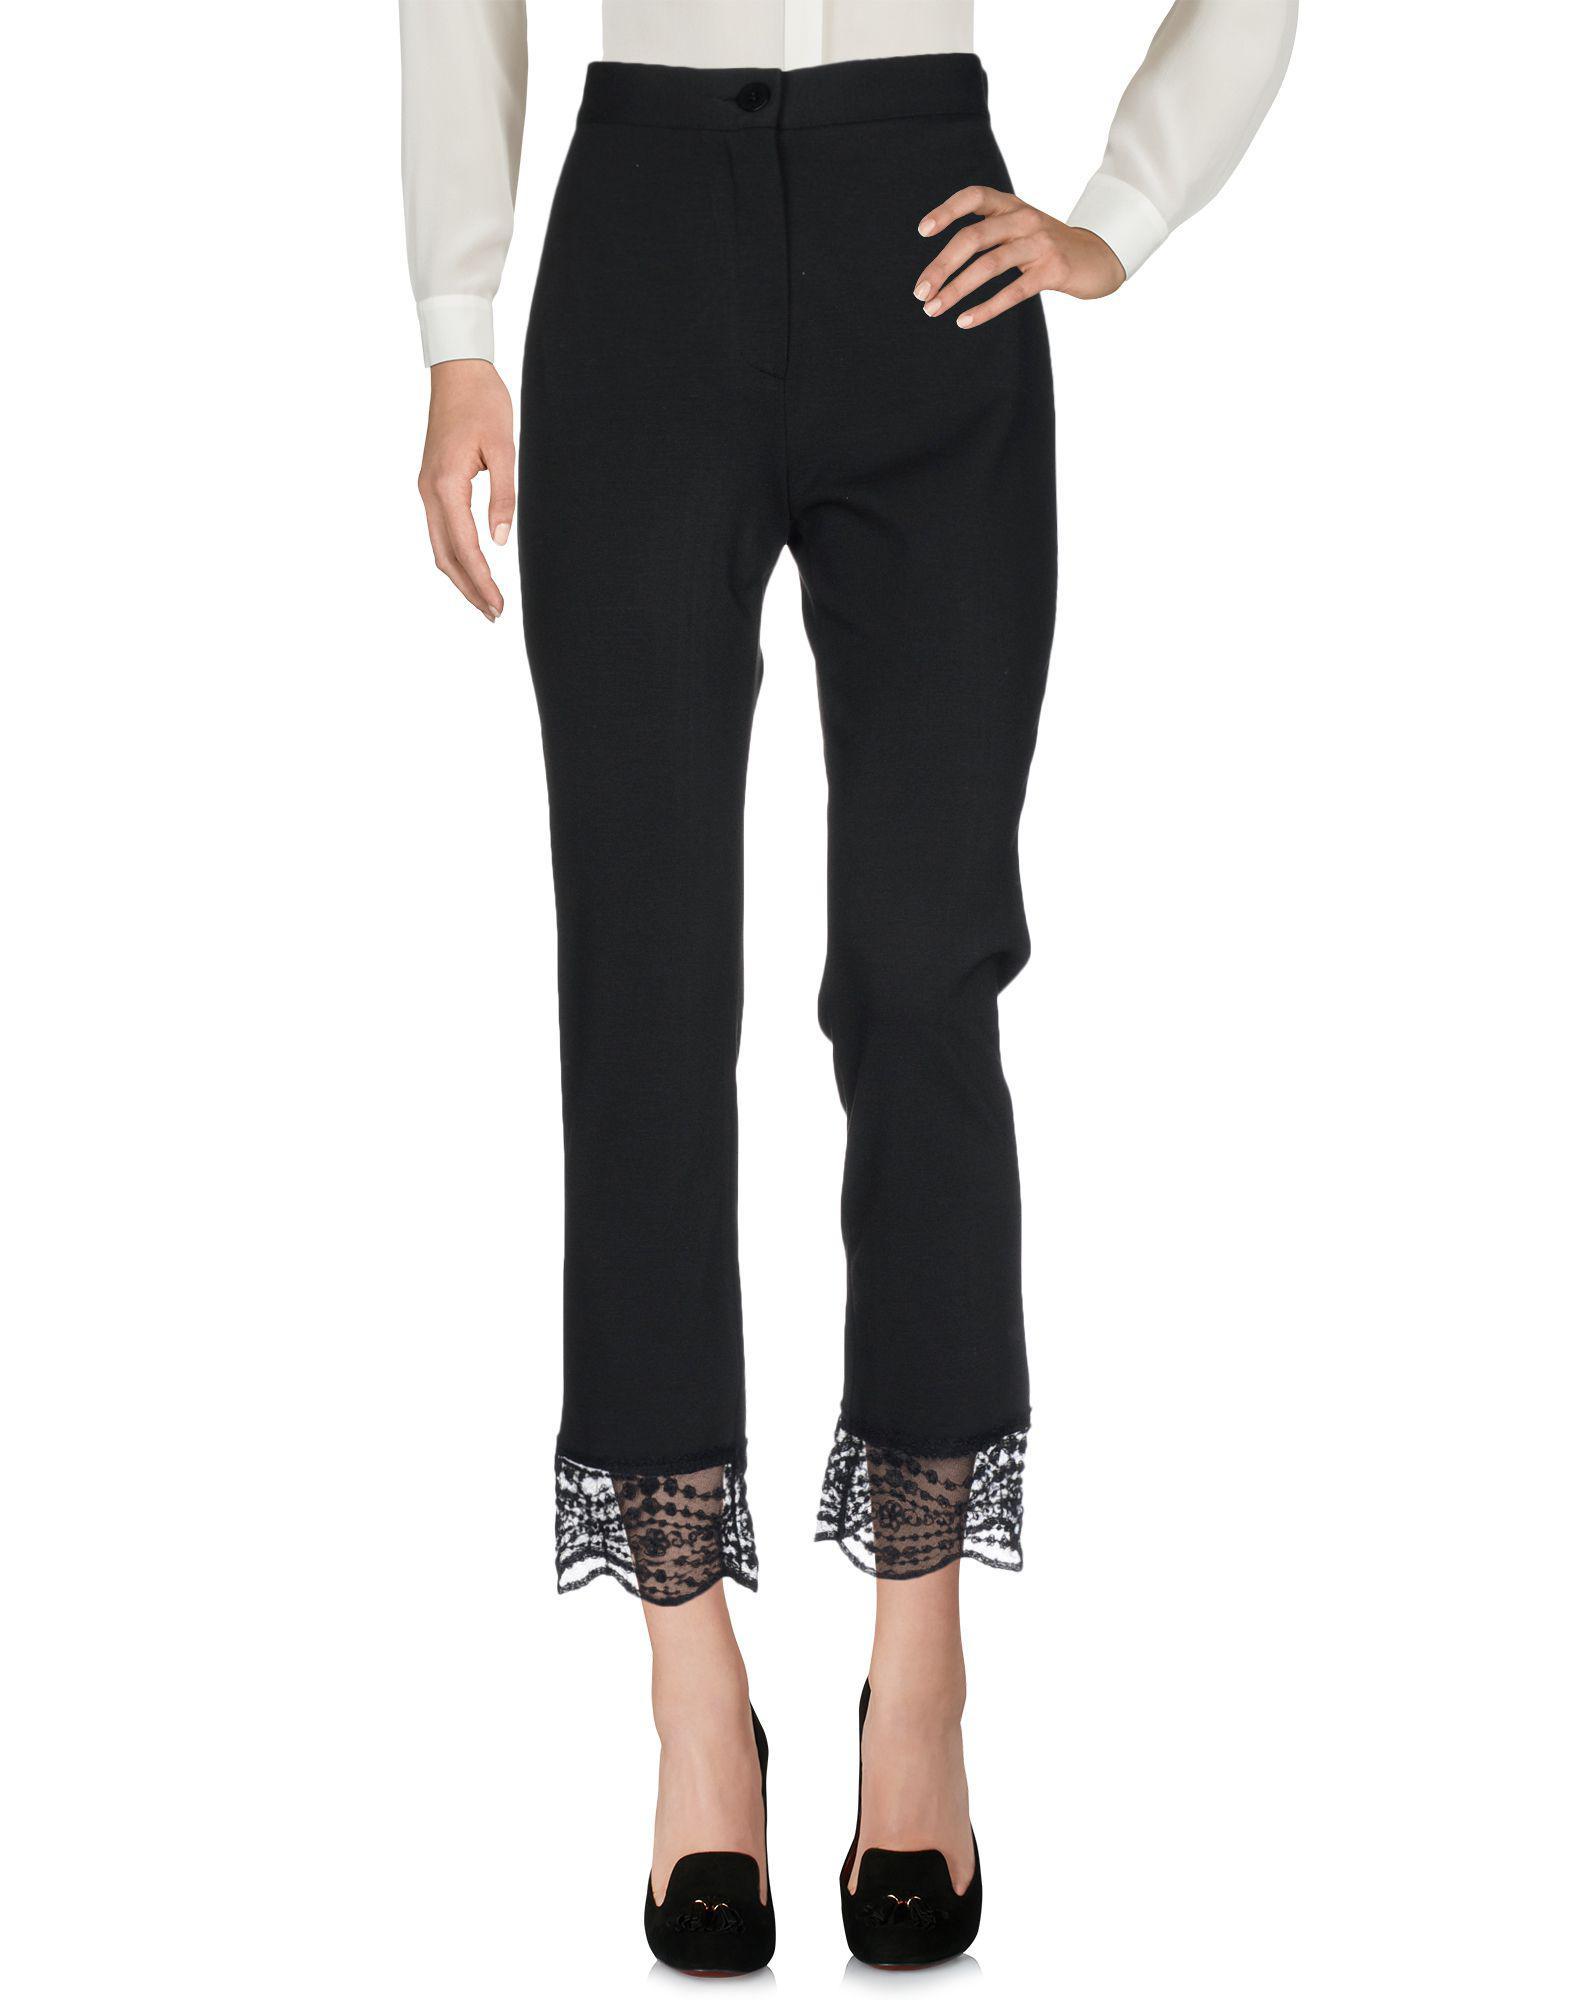 Les Pantalons - 3/4-pantalon Longueur Paola Frani kuqjn